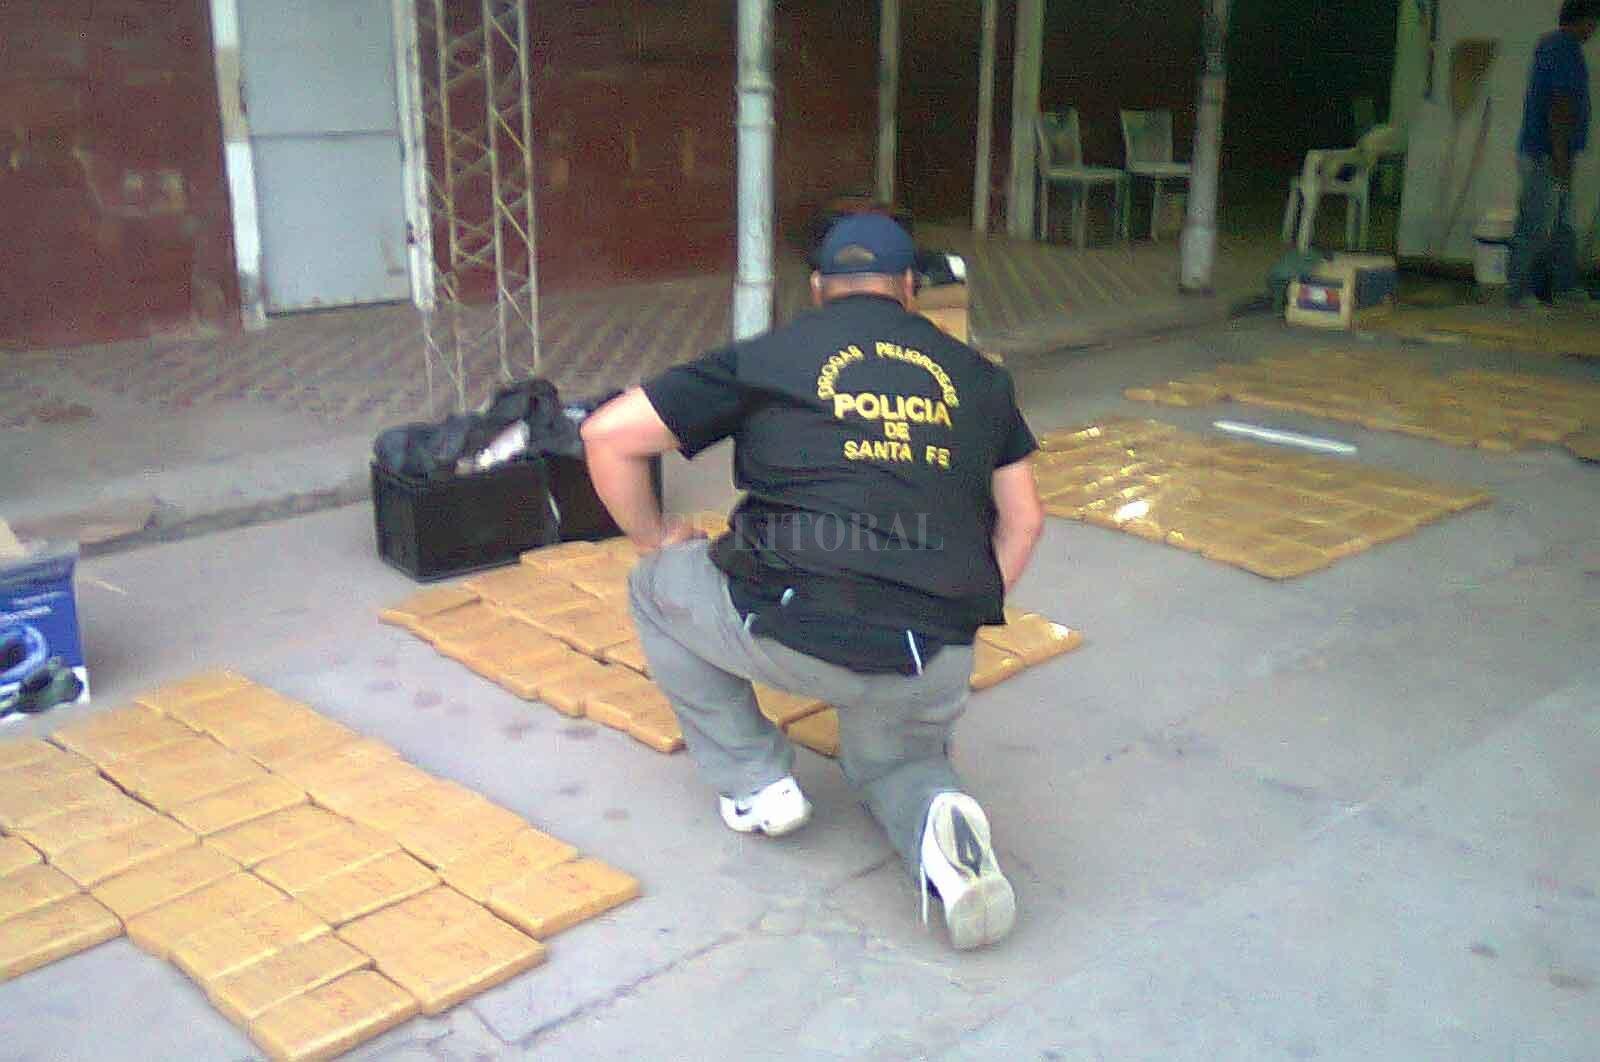 La Policía provincial protagonizó una persecución, el 25 de noviembre de 2012, en zona rural, que terminó con dos detenidos, un prófugo y el secuestro de 191 kilos de marihuana. <strong>Foto:</strong> El Litoral.